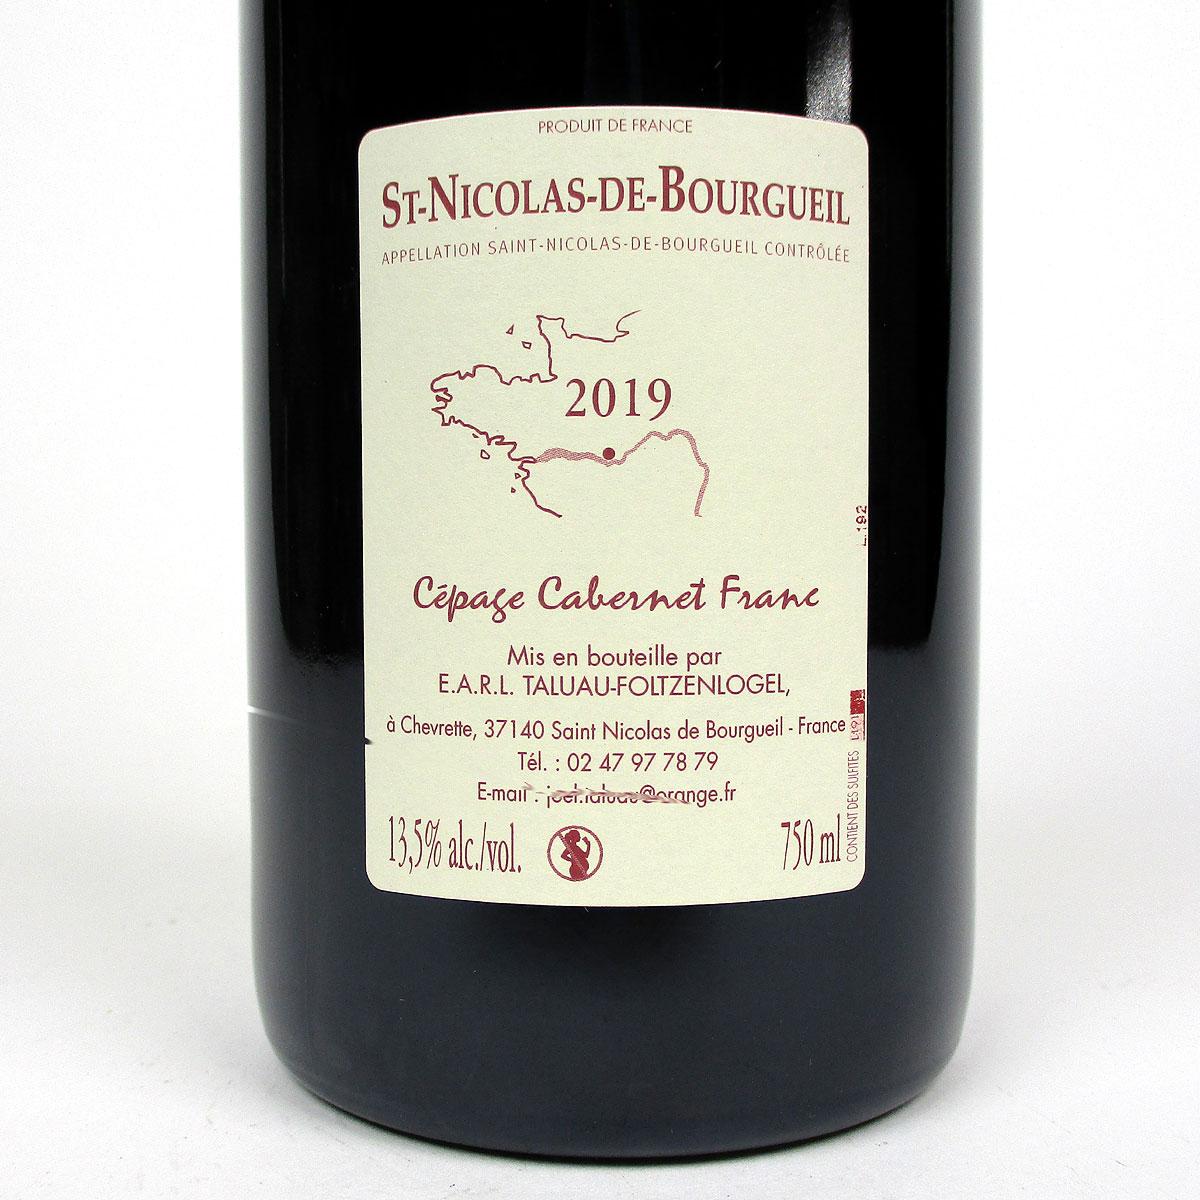 Saint-Nicolas-de-Bourgueil: Domaine Taluau - Foltzenlogel 'l'Expression' 2019 - Bottle Rear Label